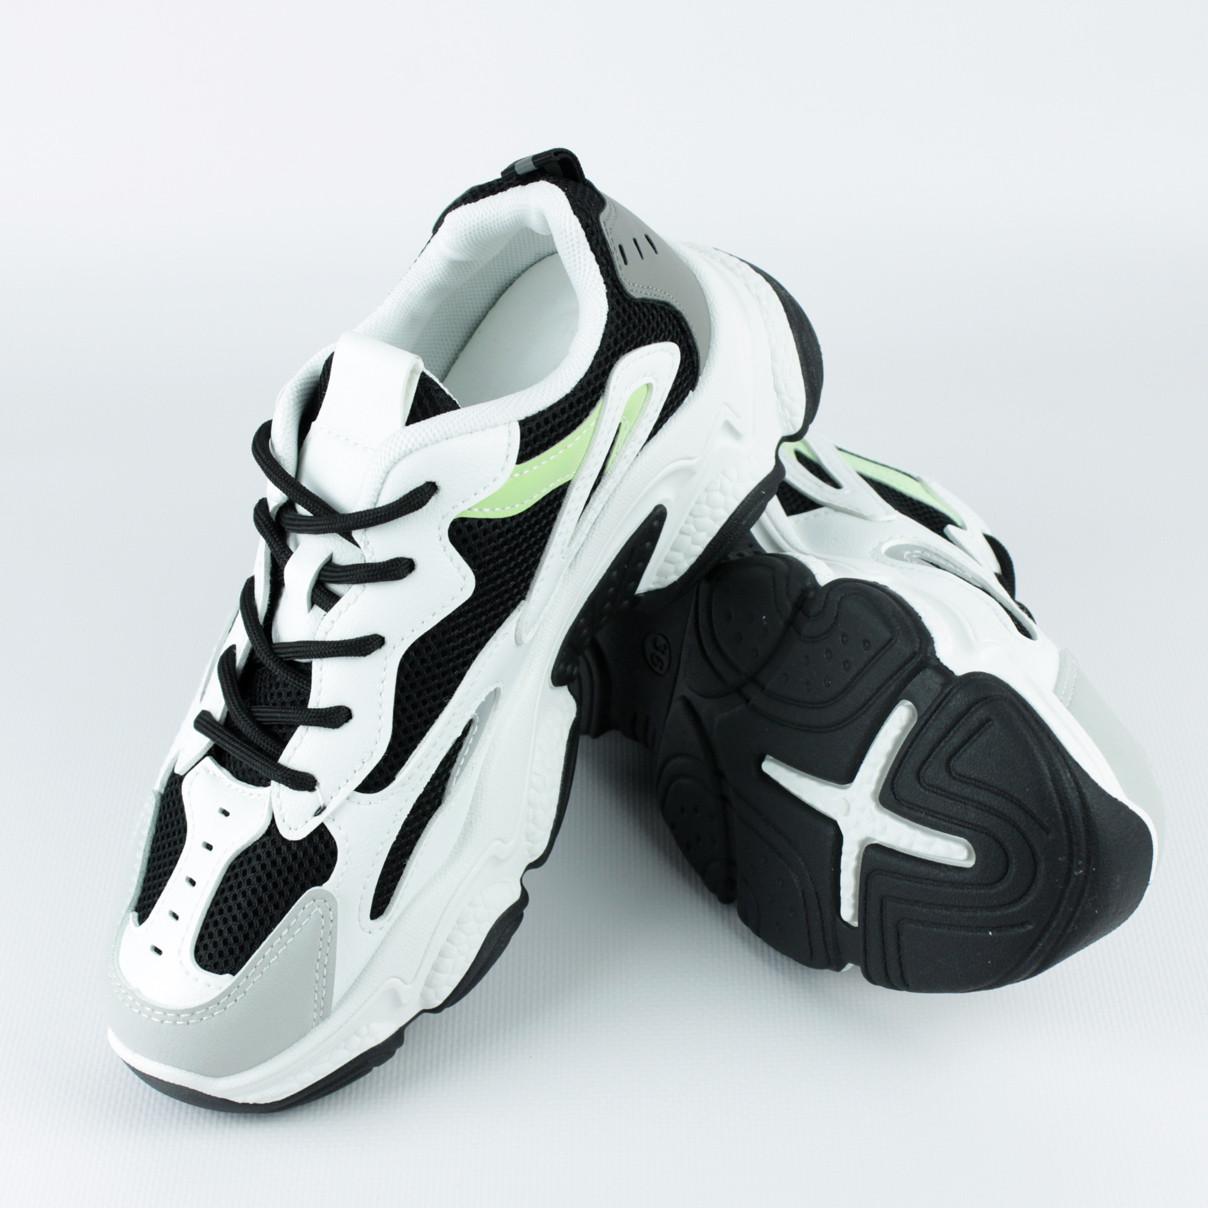 Кроссовки для женщин из эко-кожи демисезонные LaVento р.36-40 черно-белые